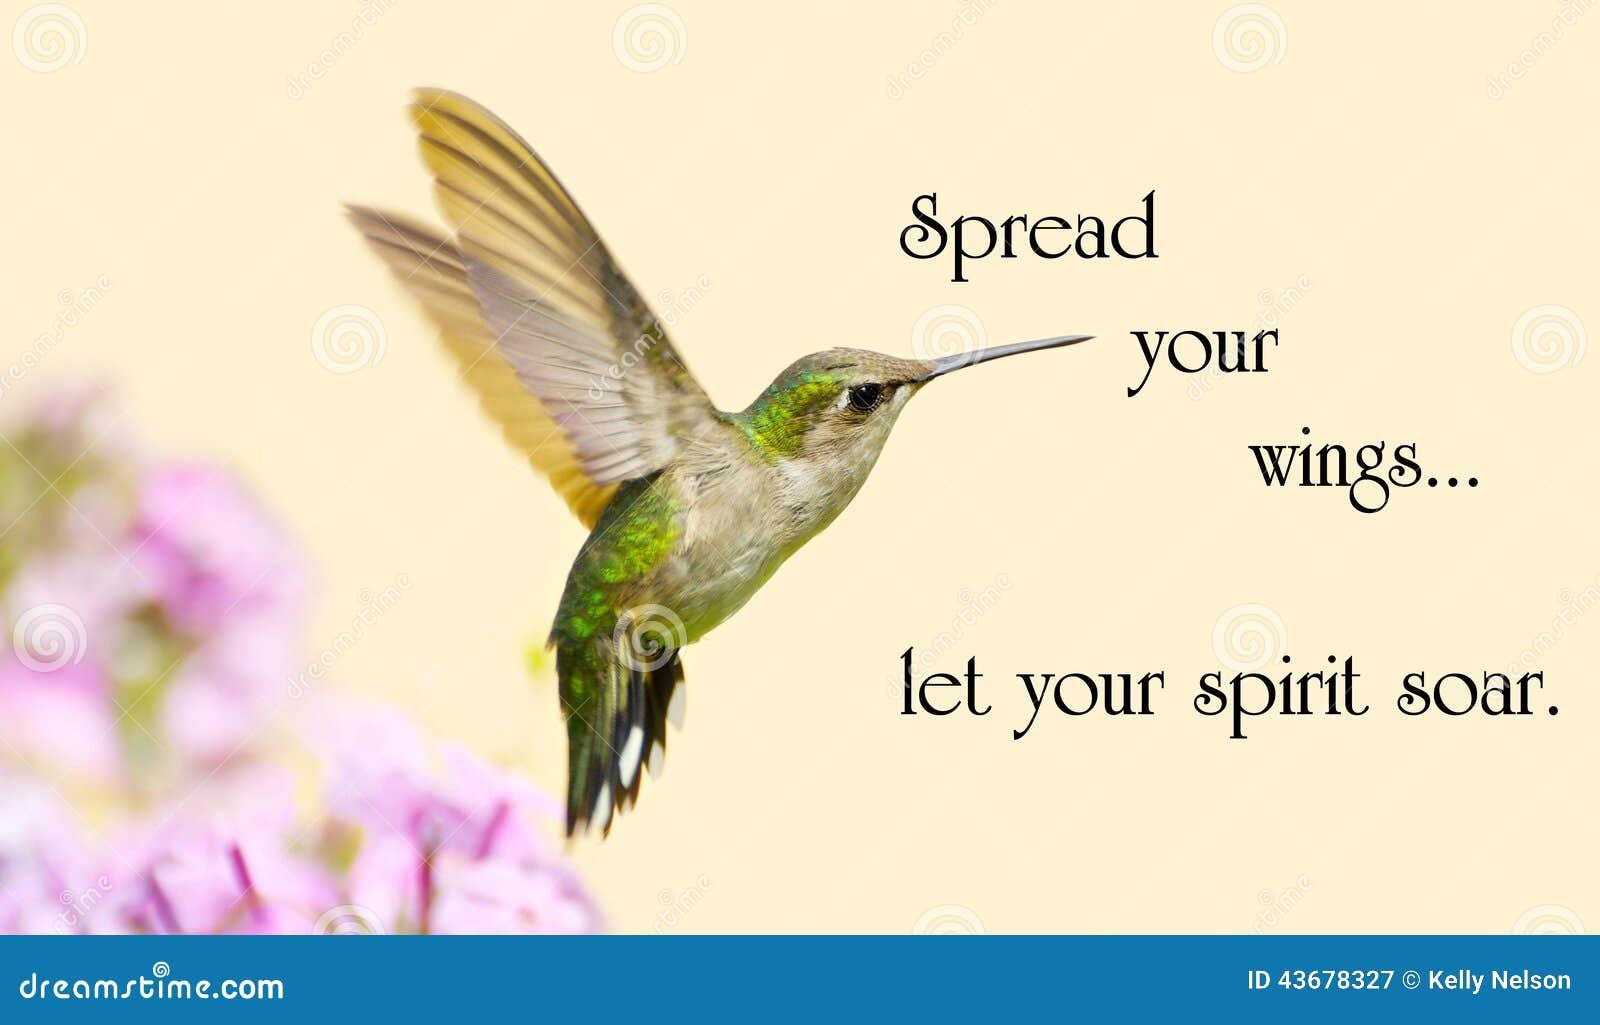 hummingbird quotes life quotesgram